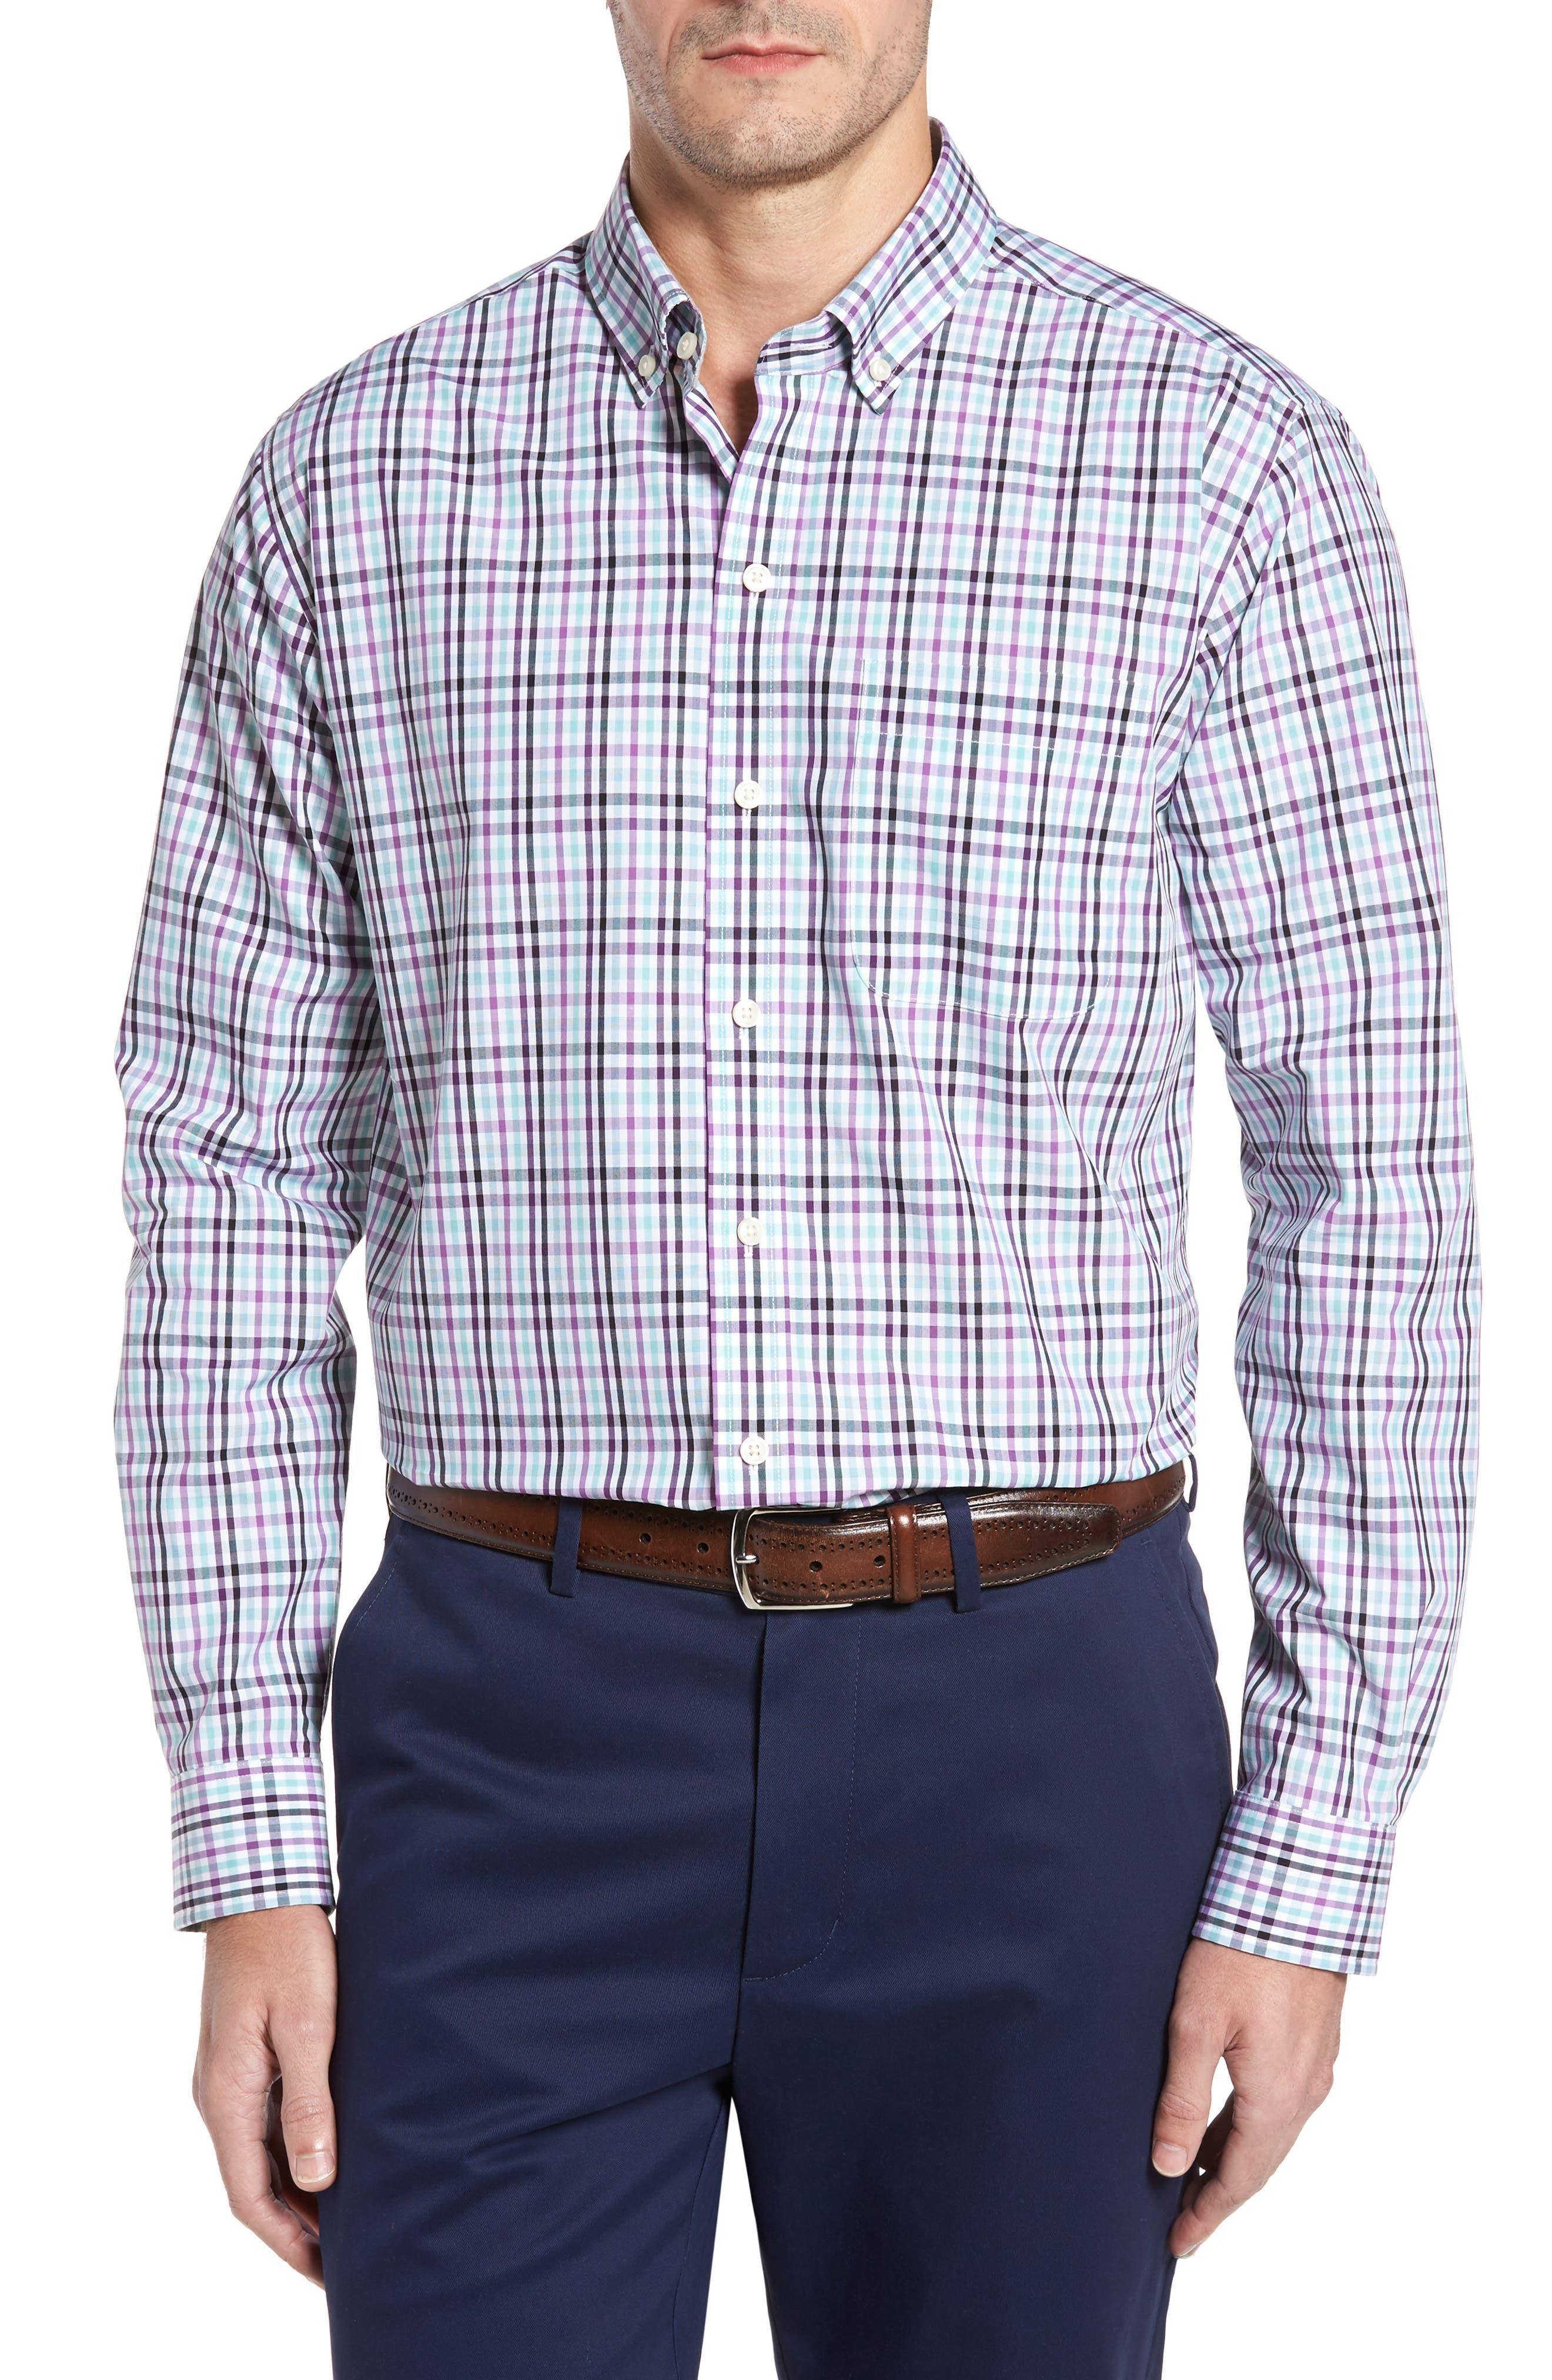 Main Image - Cutter & Buck Irving Non-Iron Plaid Sport Shirt